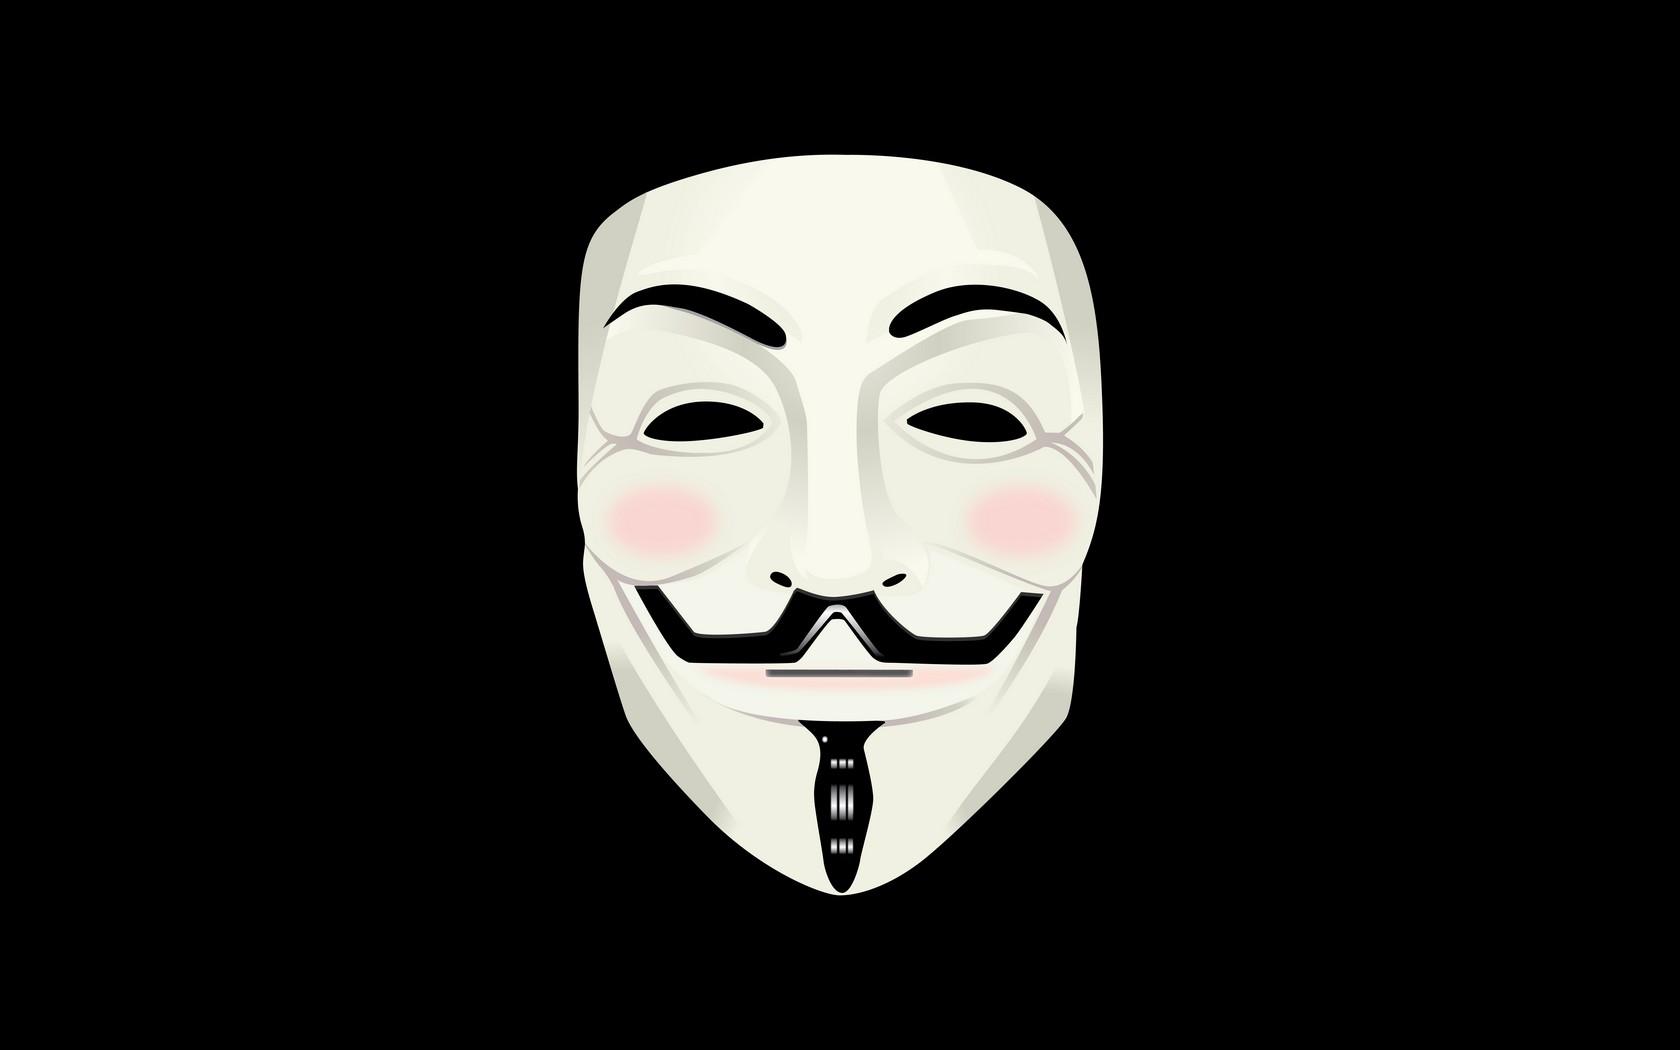 Wallpaper V For Vendetta Guy Fawkes Mask 1680x1050